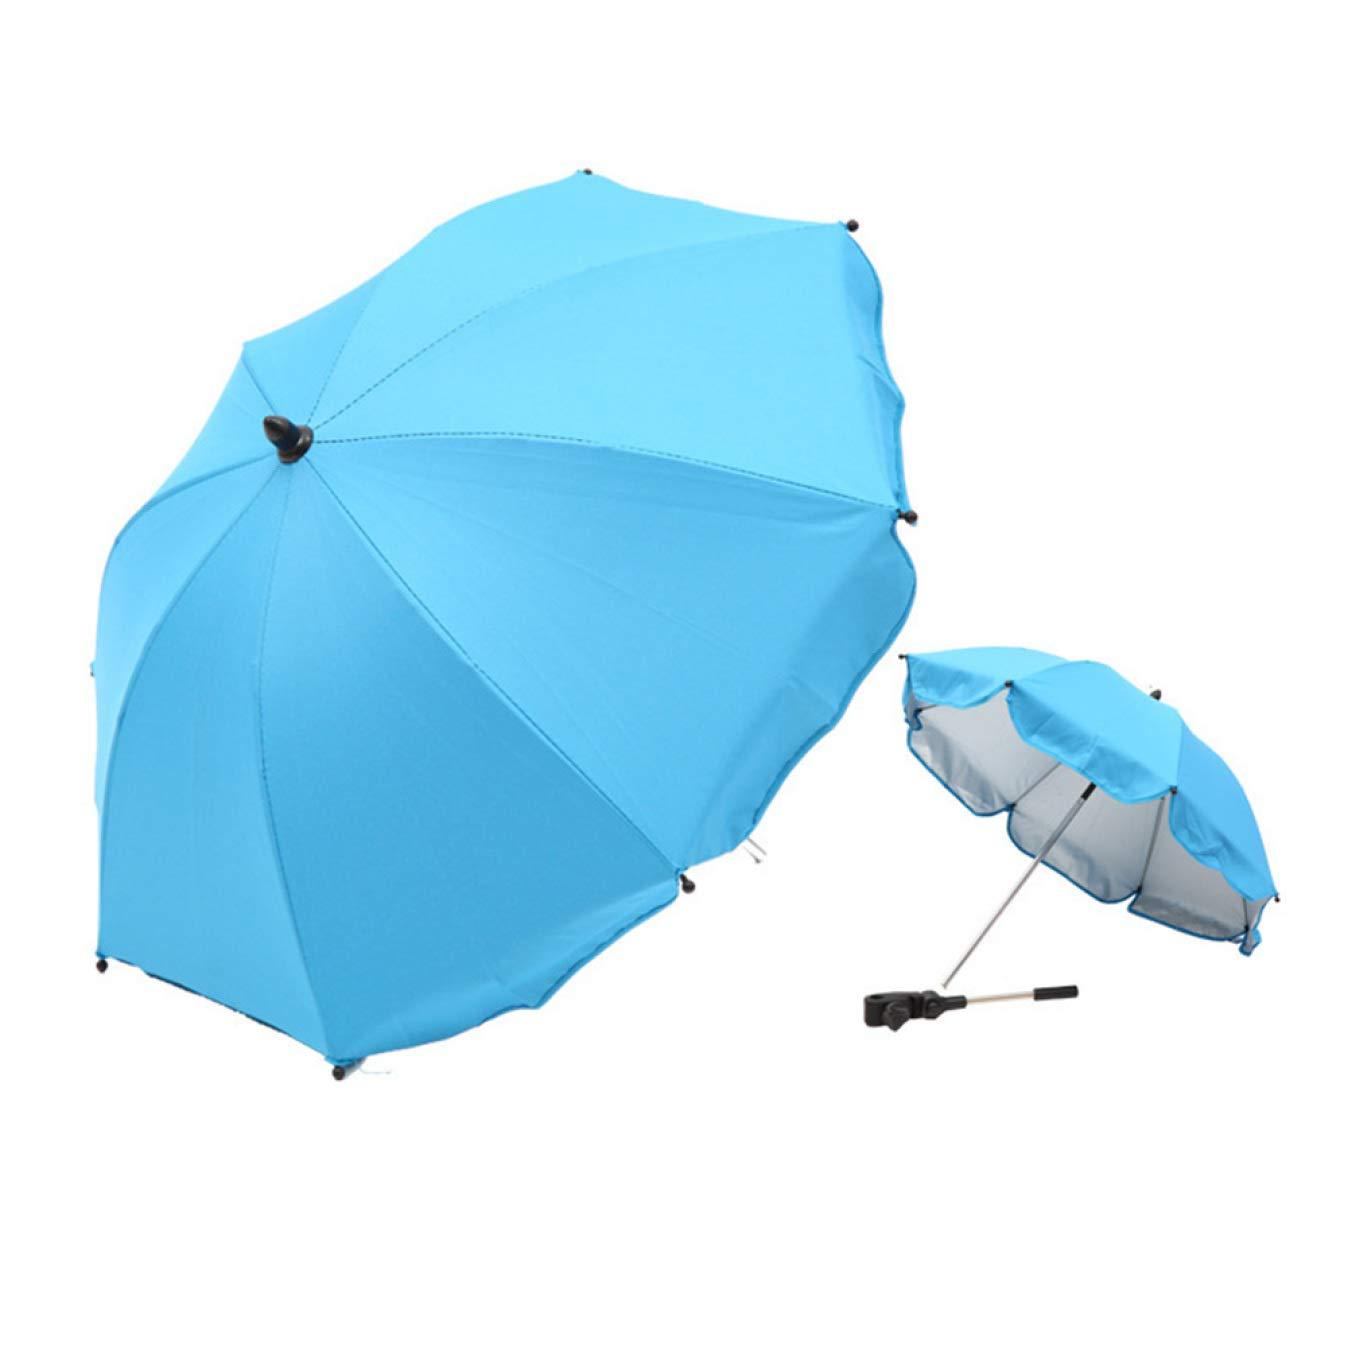 dyudyrujdtry ungew/öhnlicher Baby-Kinderwagen biegbarer Regenschirm f/ür Kinderwagen